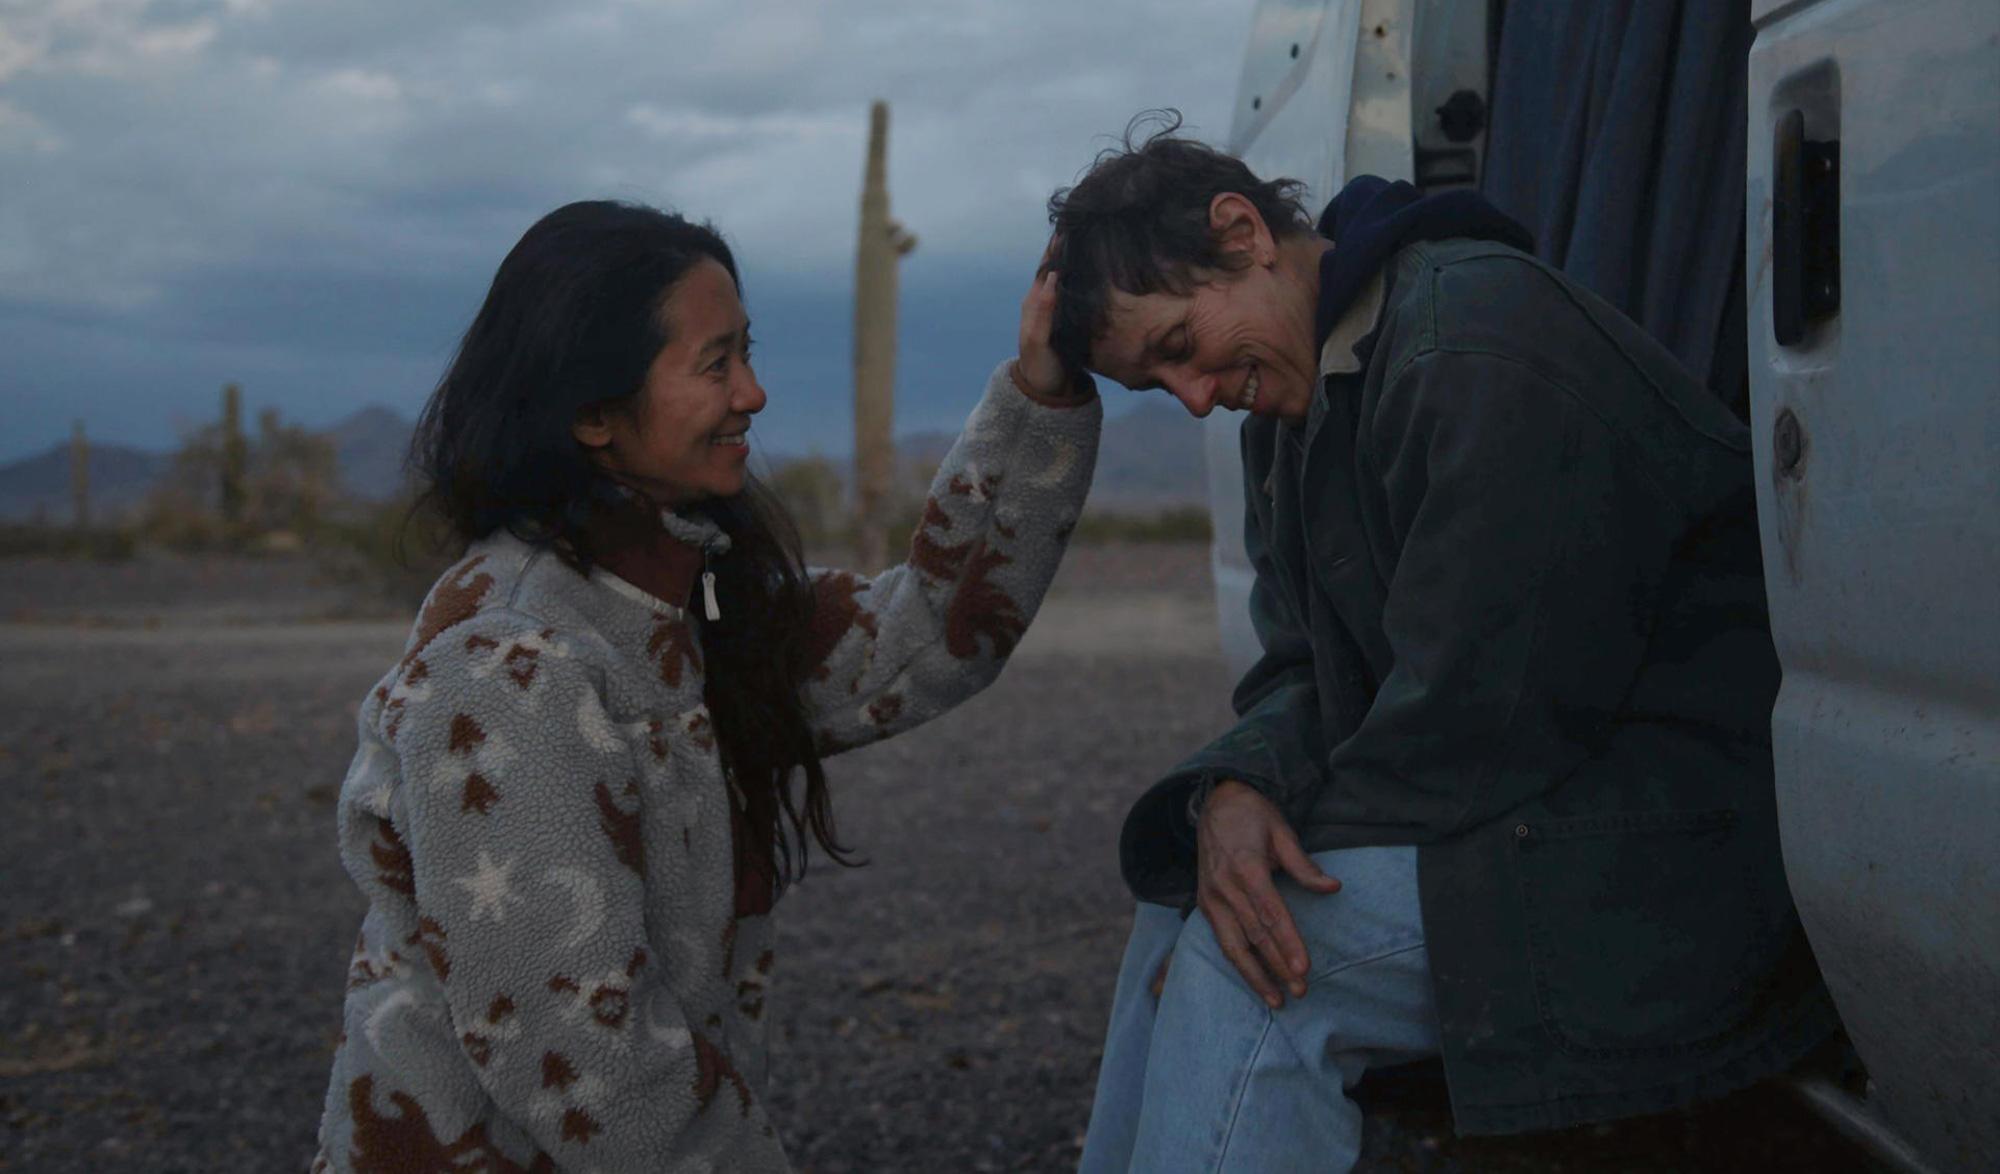 La réalisatrice Chloé Zhao (à gauche) et l'actrice Frances McDormand sur le tournage de « Nomadland »